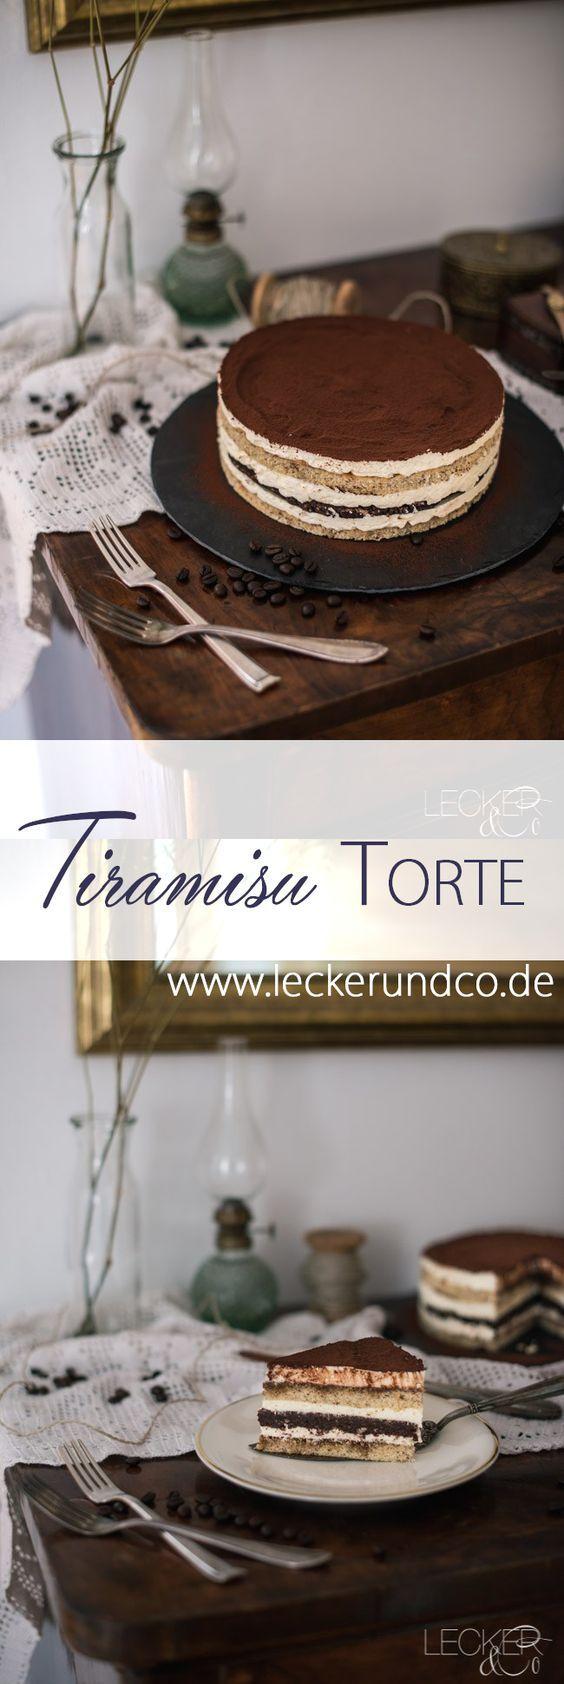 Pastel de tiramisú | LECKER & Co | Blog de comida de Nuremberg